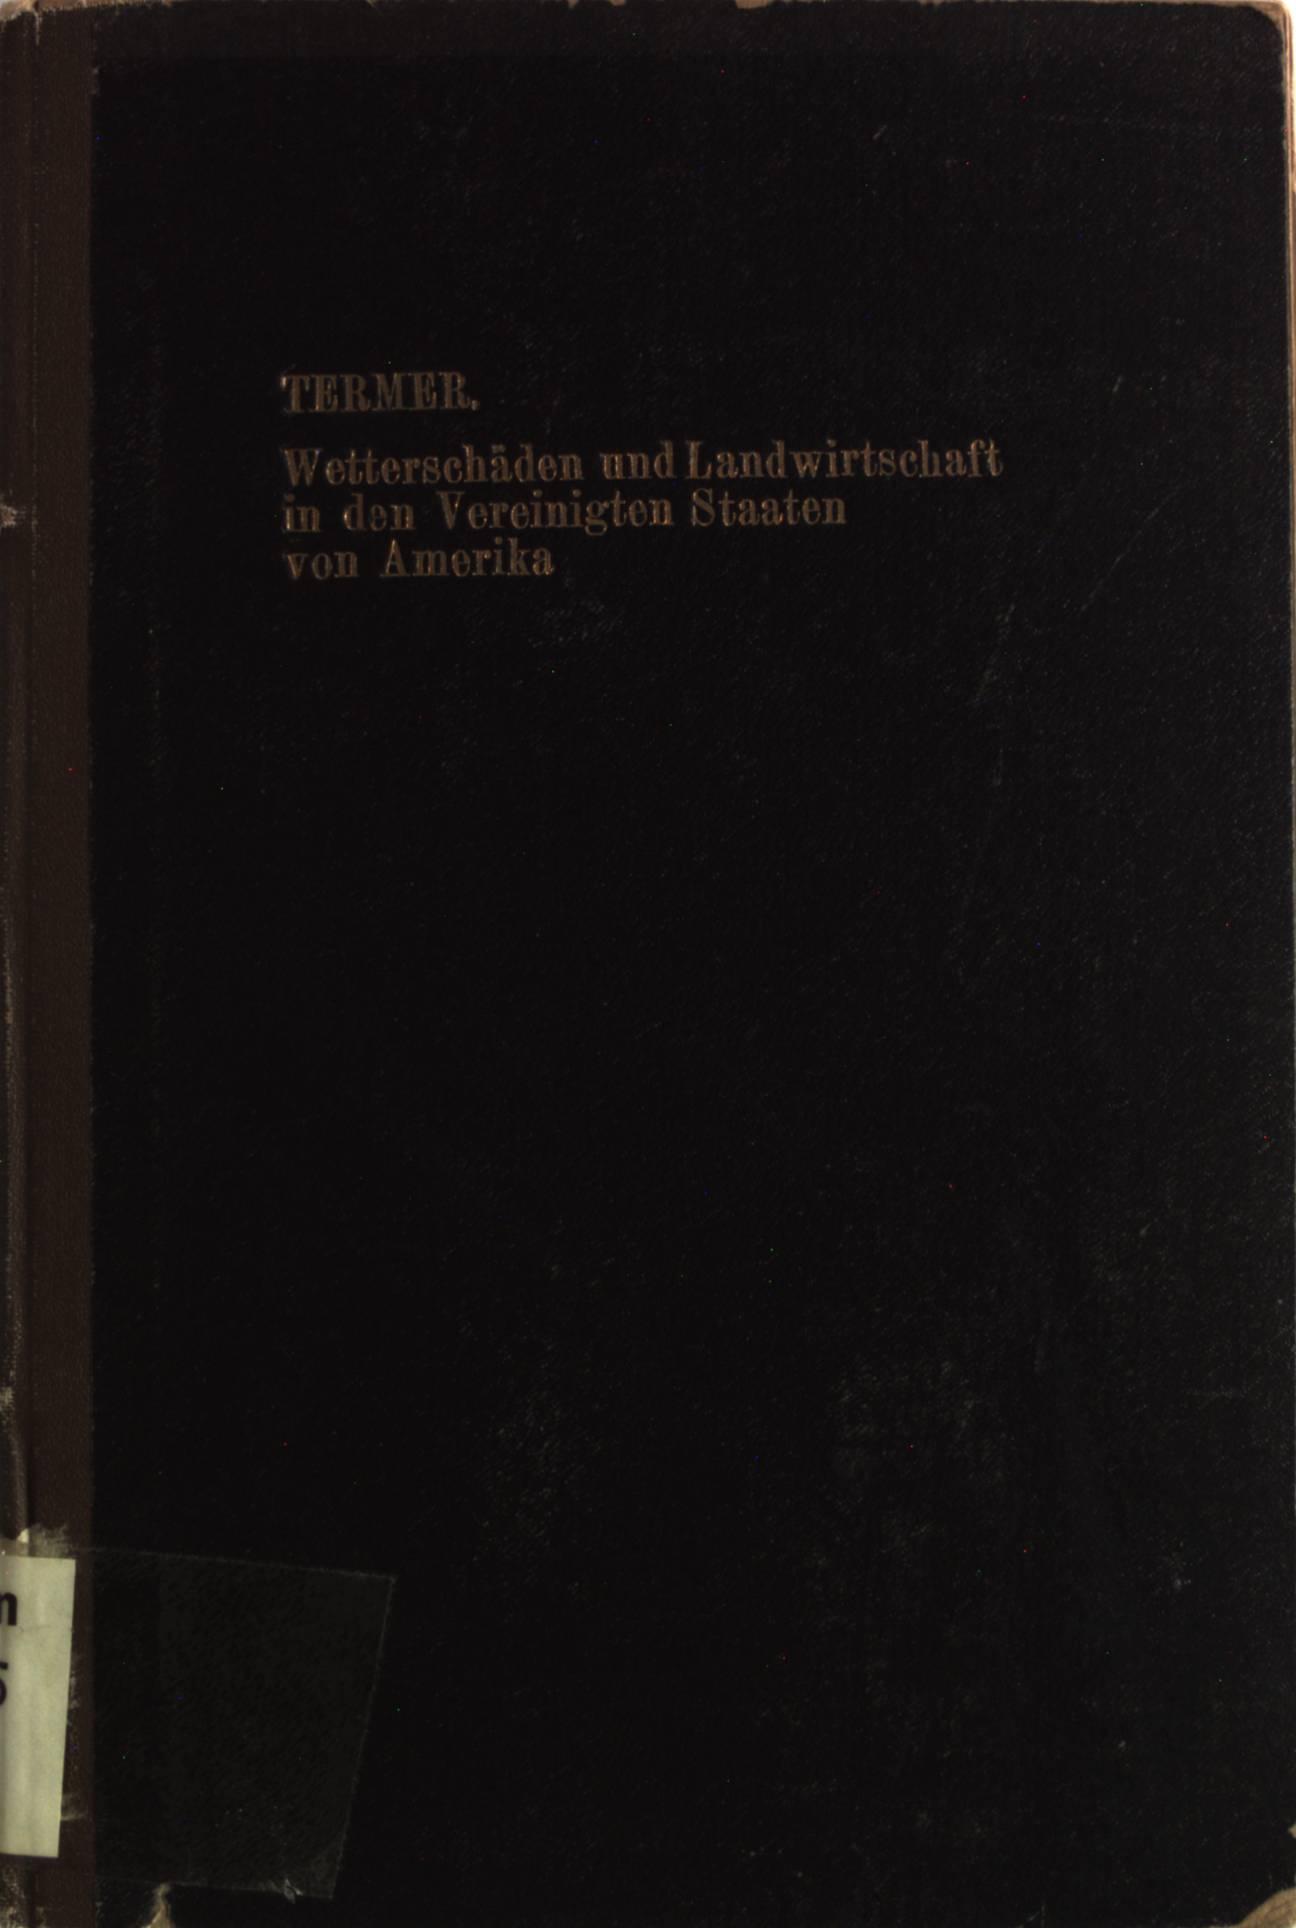 Wetterschäden und Landwirtschaft in den Vereinigten Staaten: Termer, Franz: